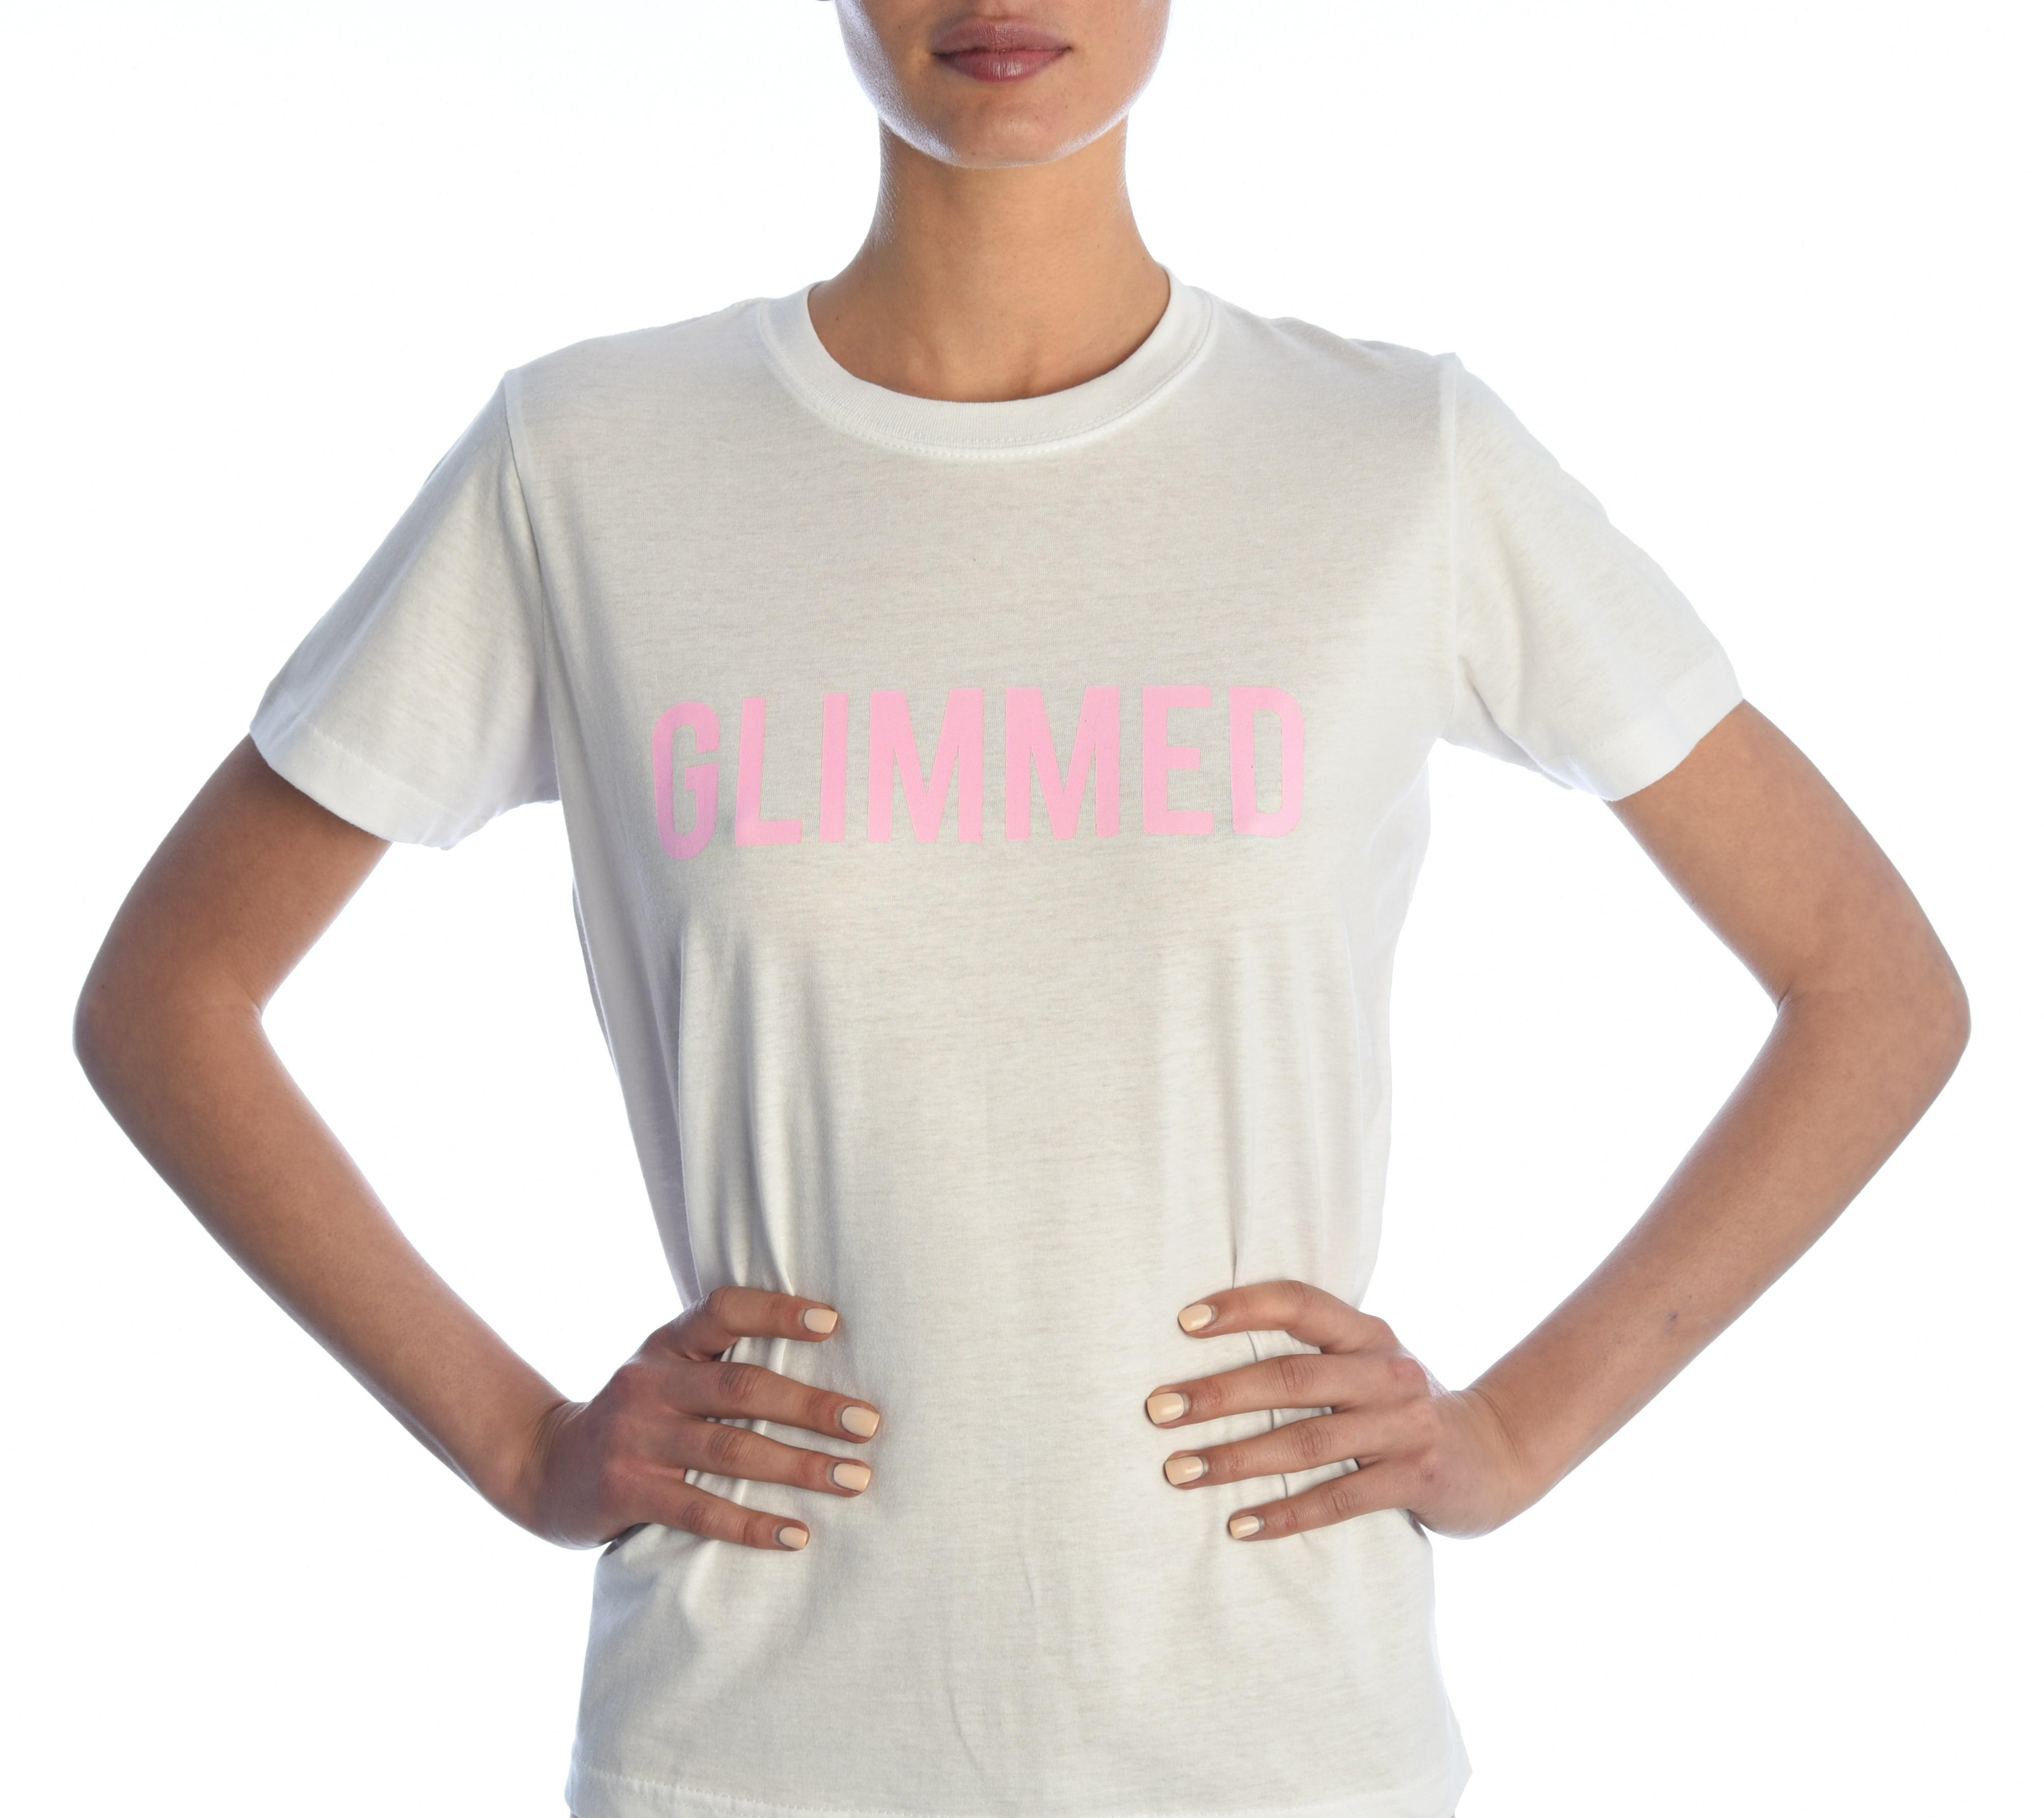 de24abb96a60c GLIMMED SS18   le t-shirt – Gglam.it